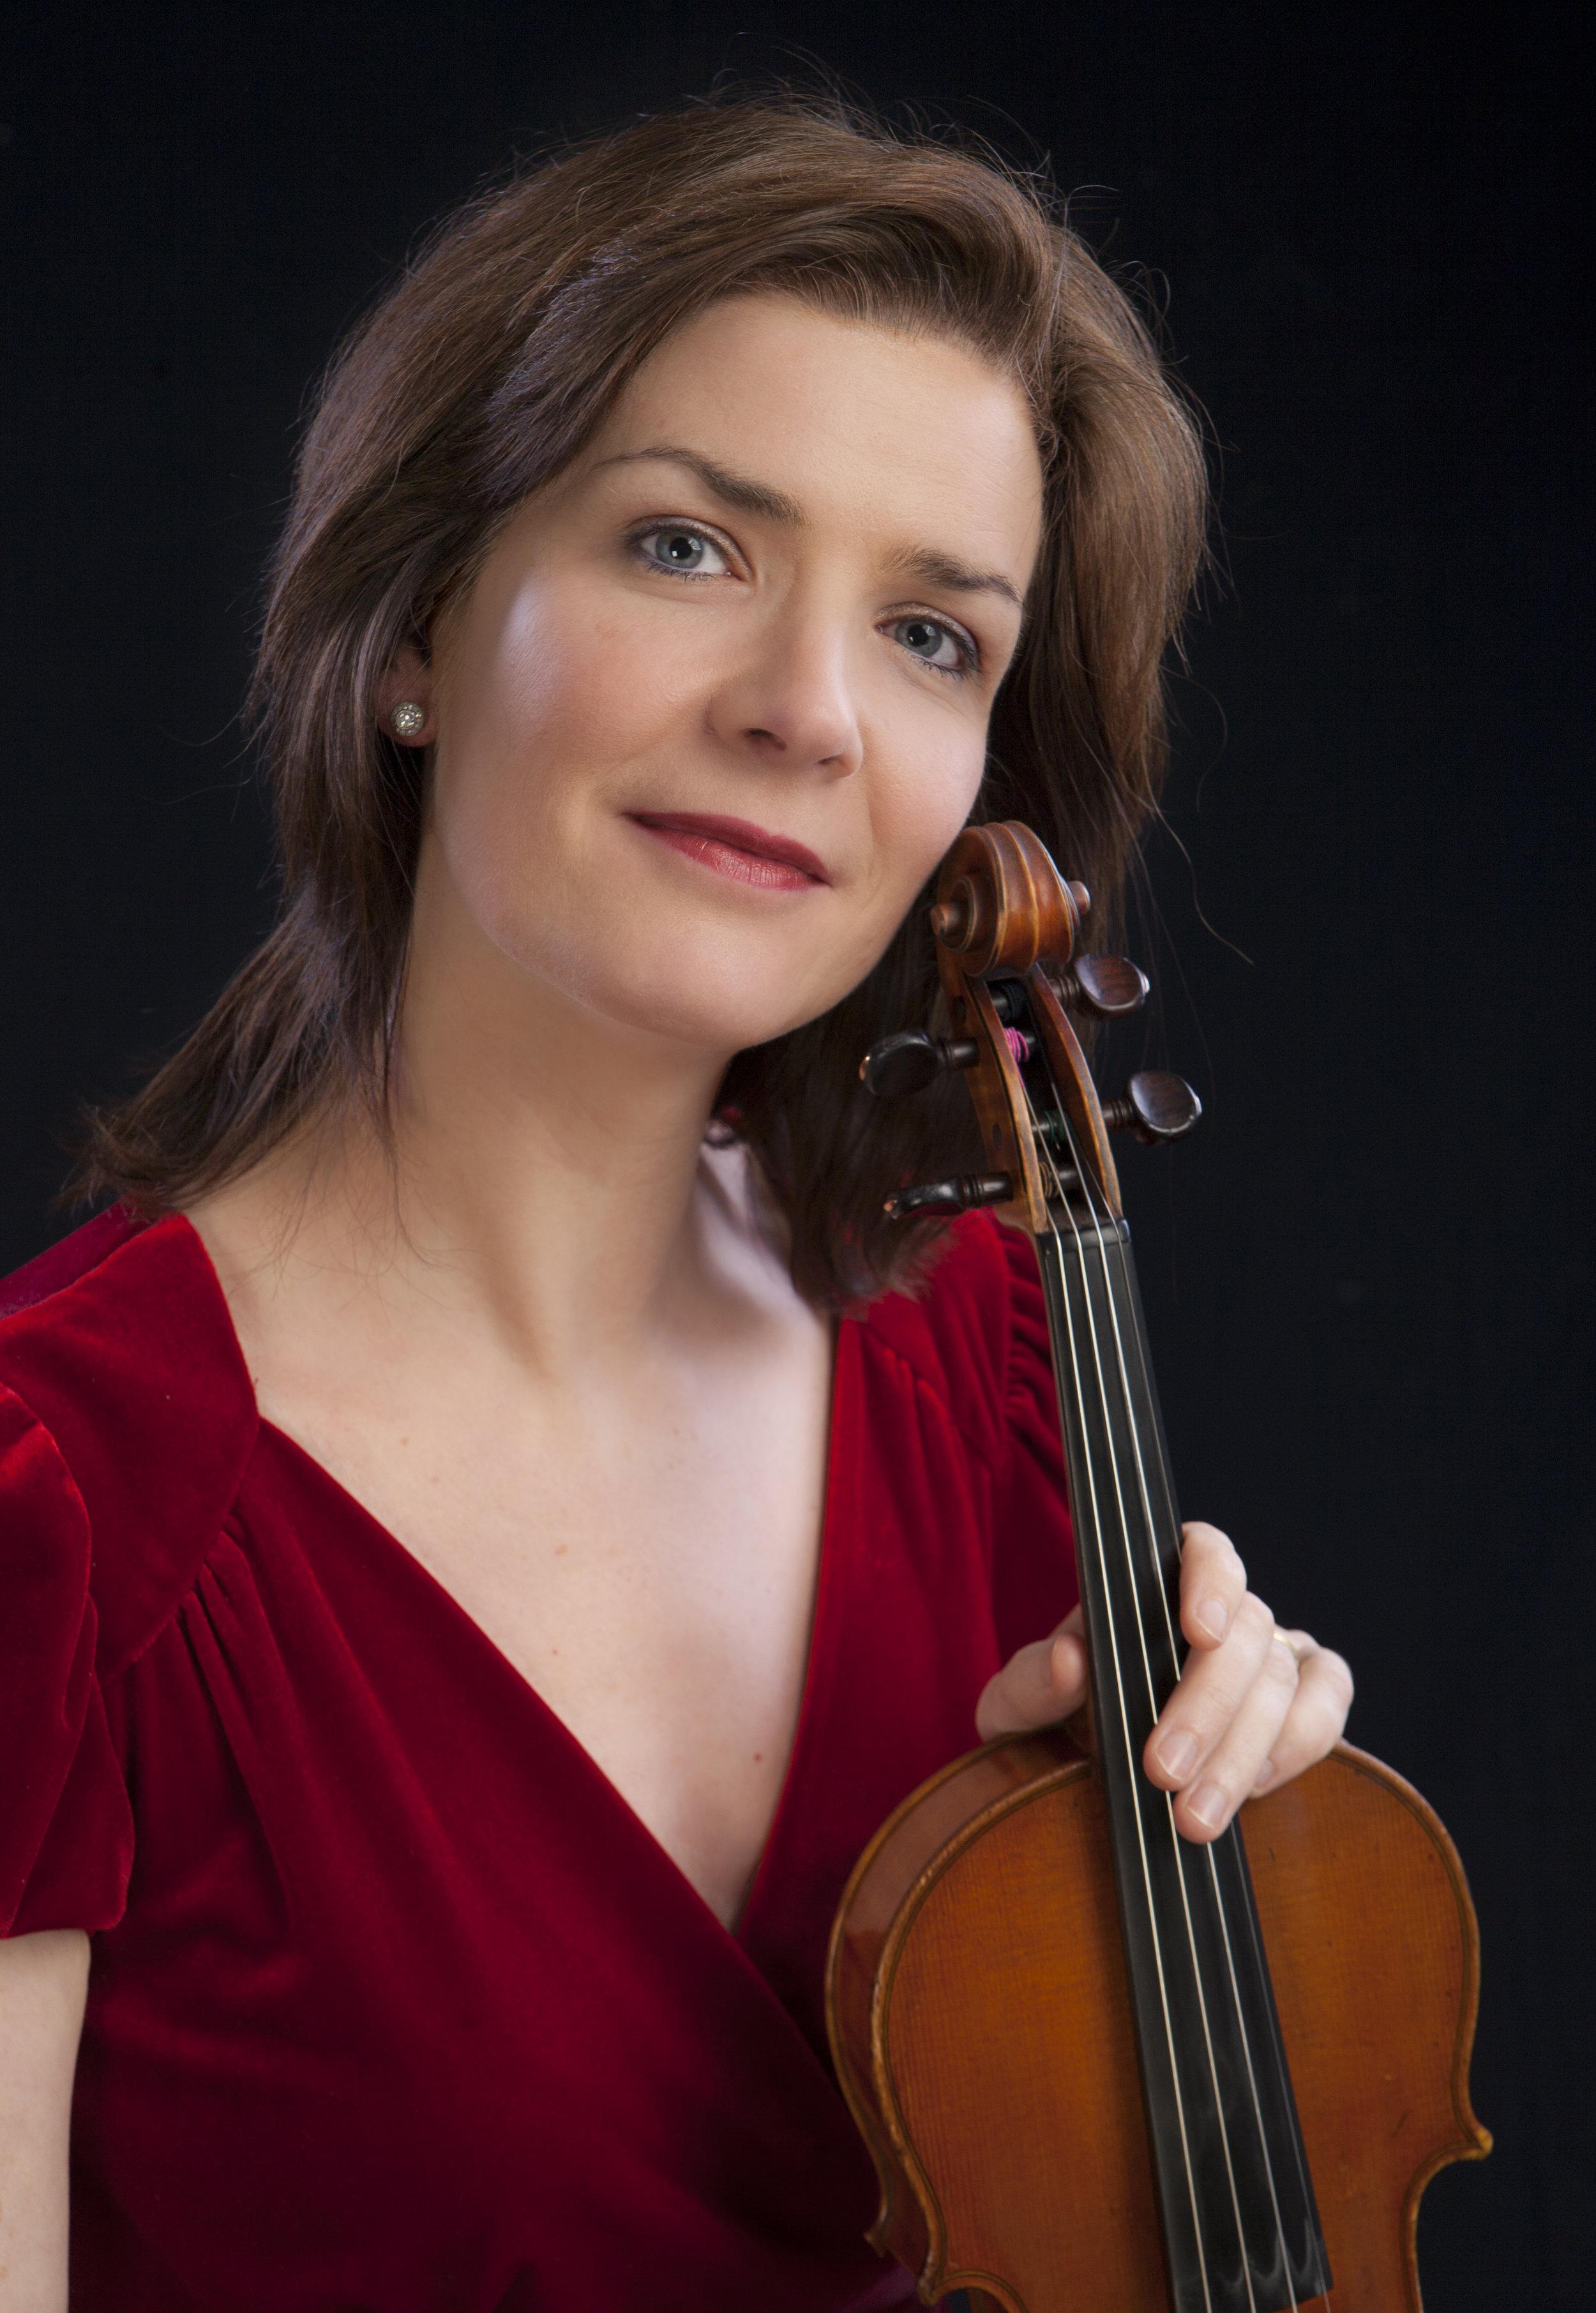 Laoise O'Brien